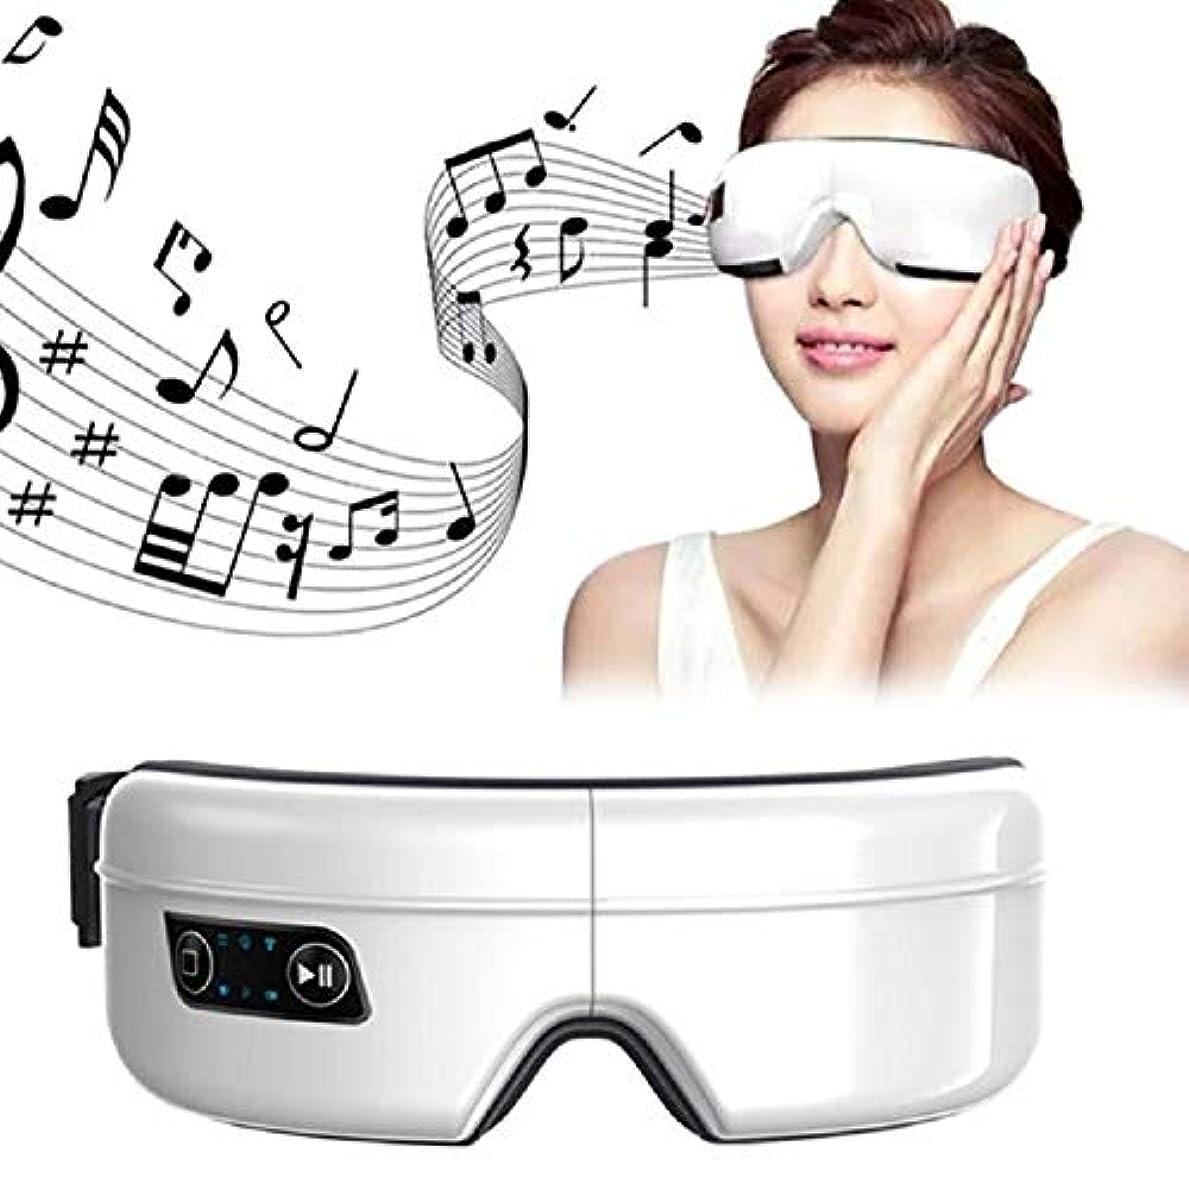 飛ぶコーンウォールシャイRuzzy 高度な電気ワイヤレスアイマッサージSPAの楽器、音楽充電式美容ツール 購入へようこそ